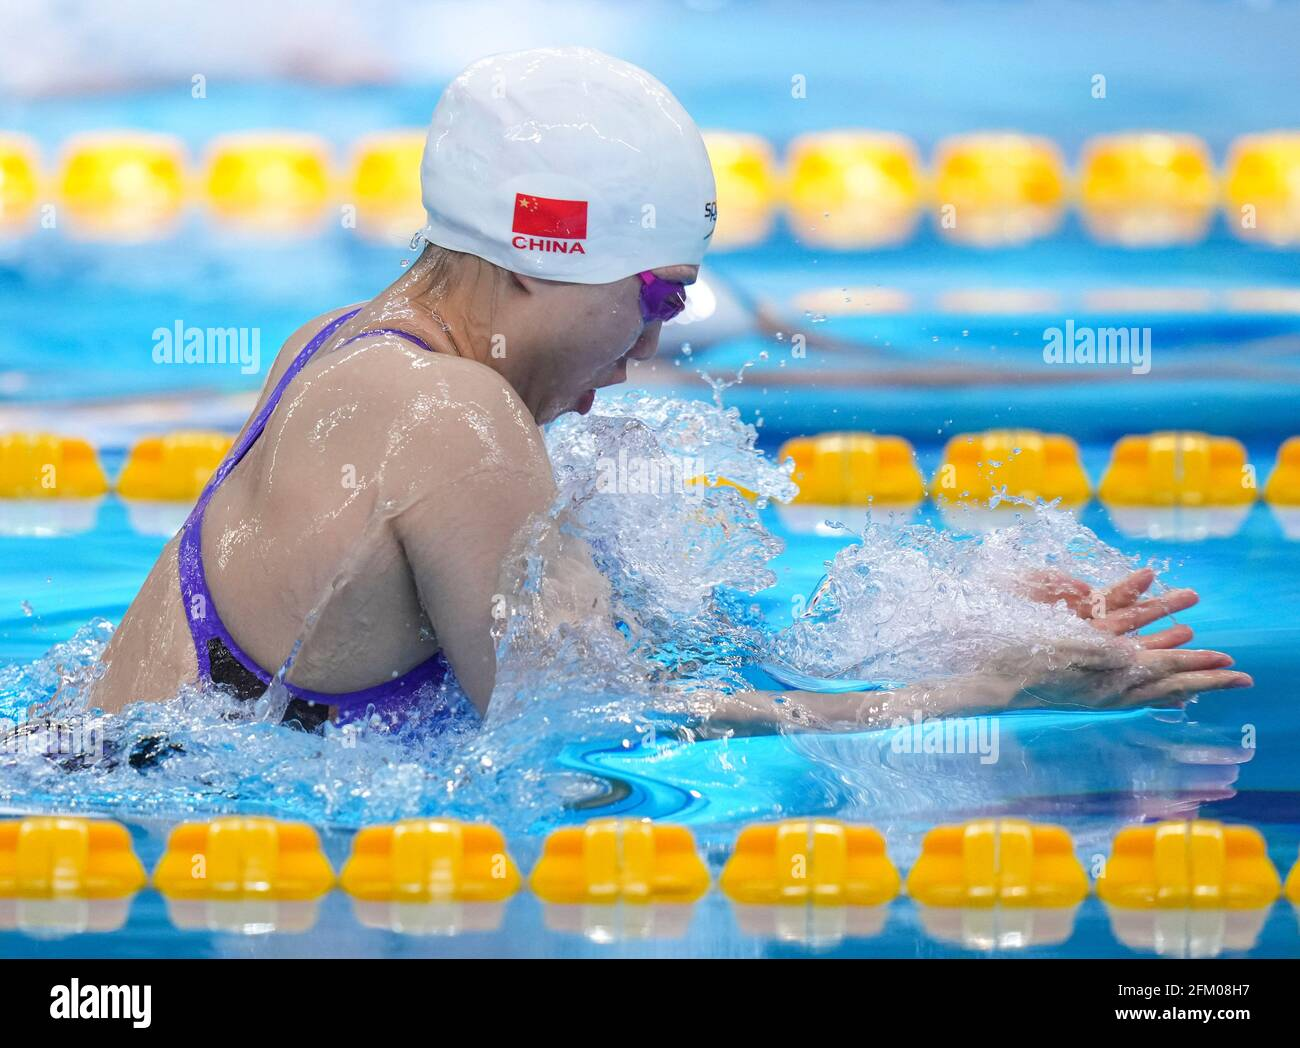 Qingdao, Cina. 5 maggio 2021. Tang Qianting di Shanghai compete durante la semifinale femminile di 200m al campionato nazionale cinese di nuoto 2021 a Qingdao, Cina orientale, 5 maggio 2021. Credit: Xu Chang/Xinhua/Alamy Live News Foto Stock